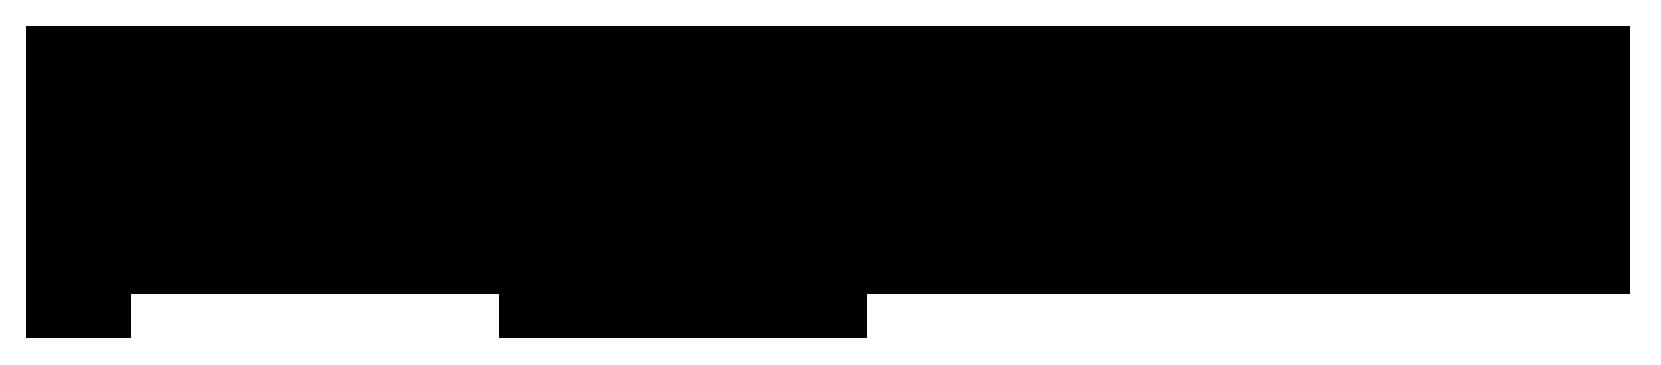 Aquarium logo